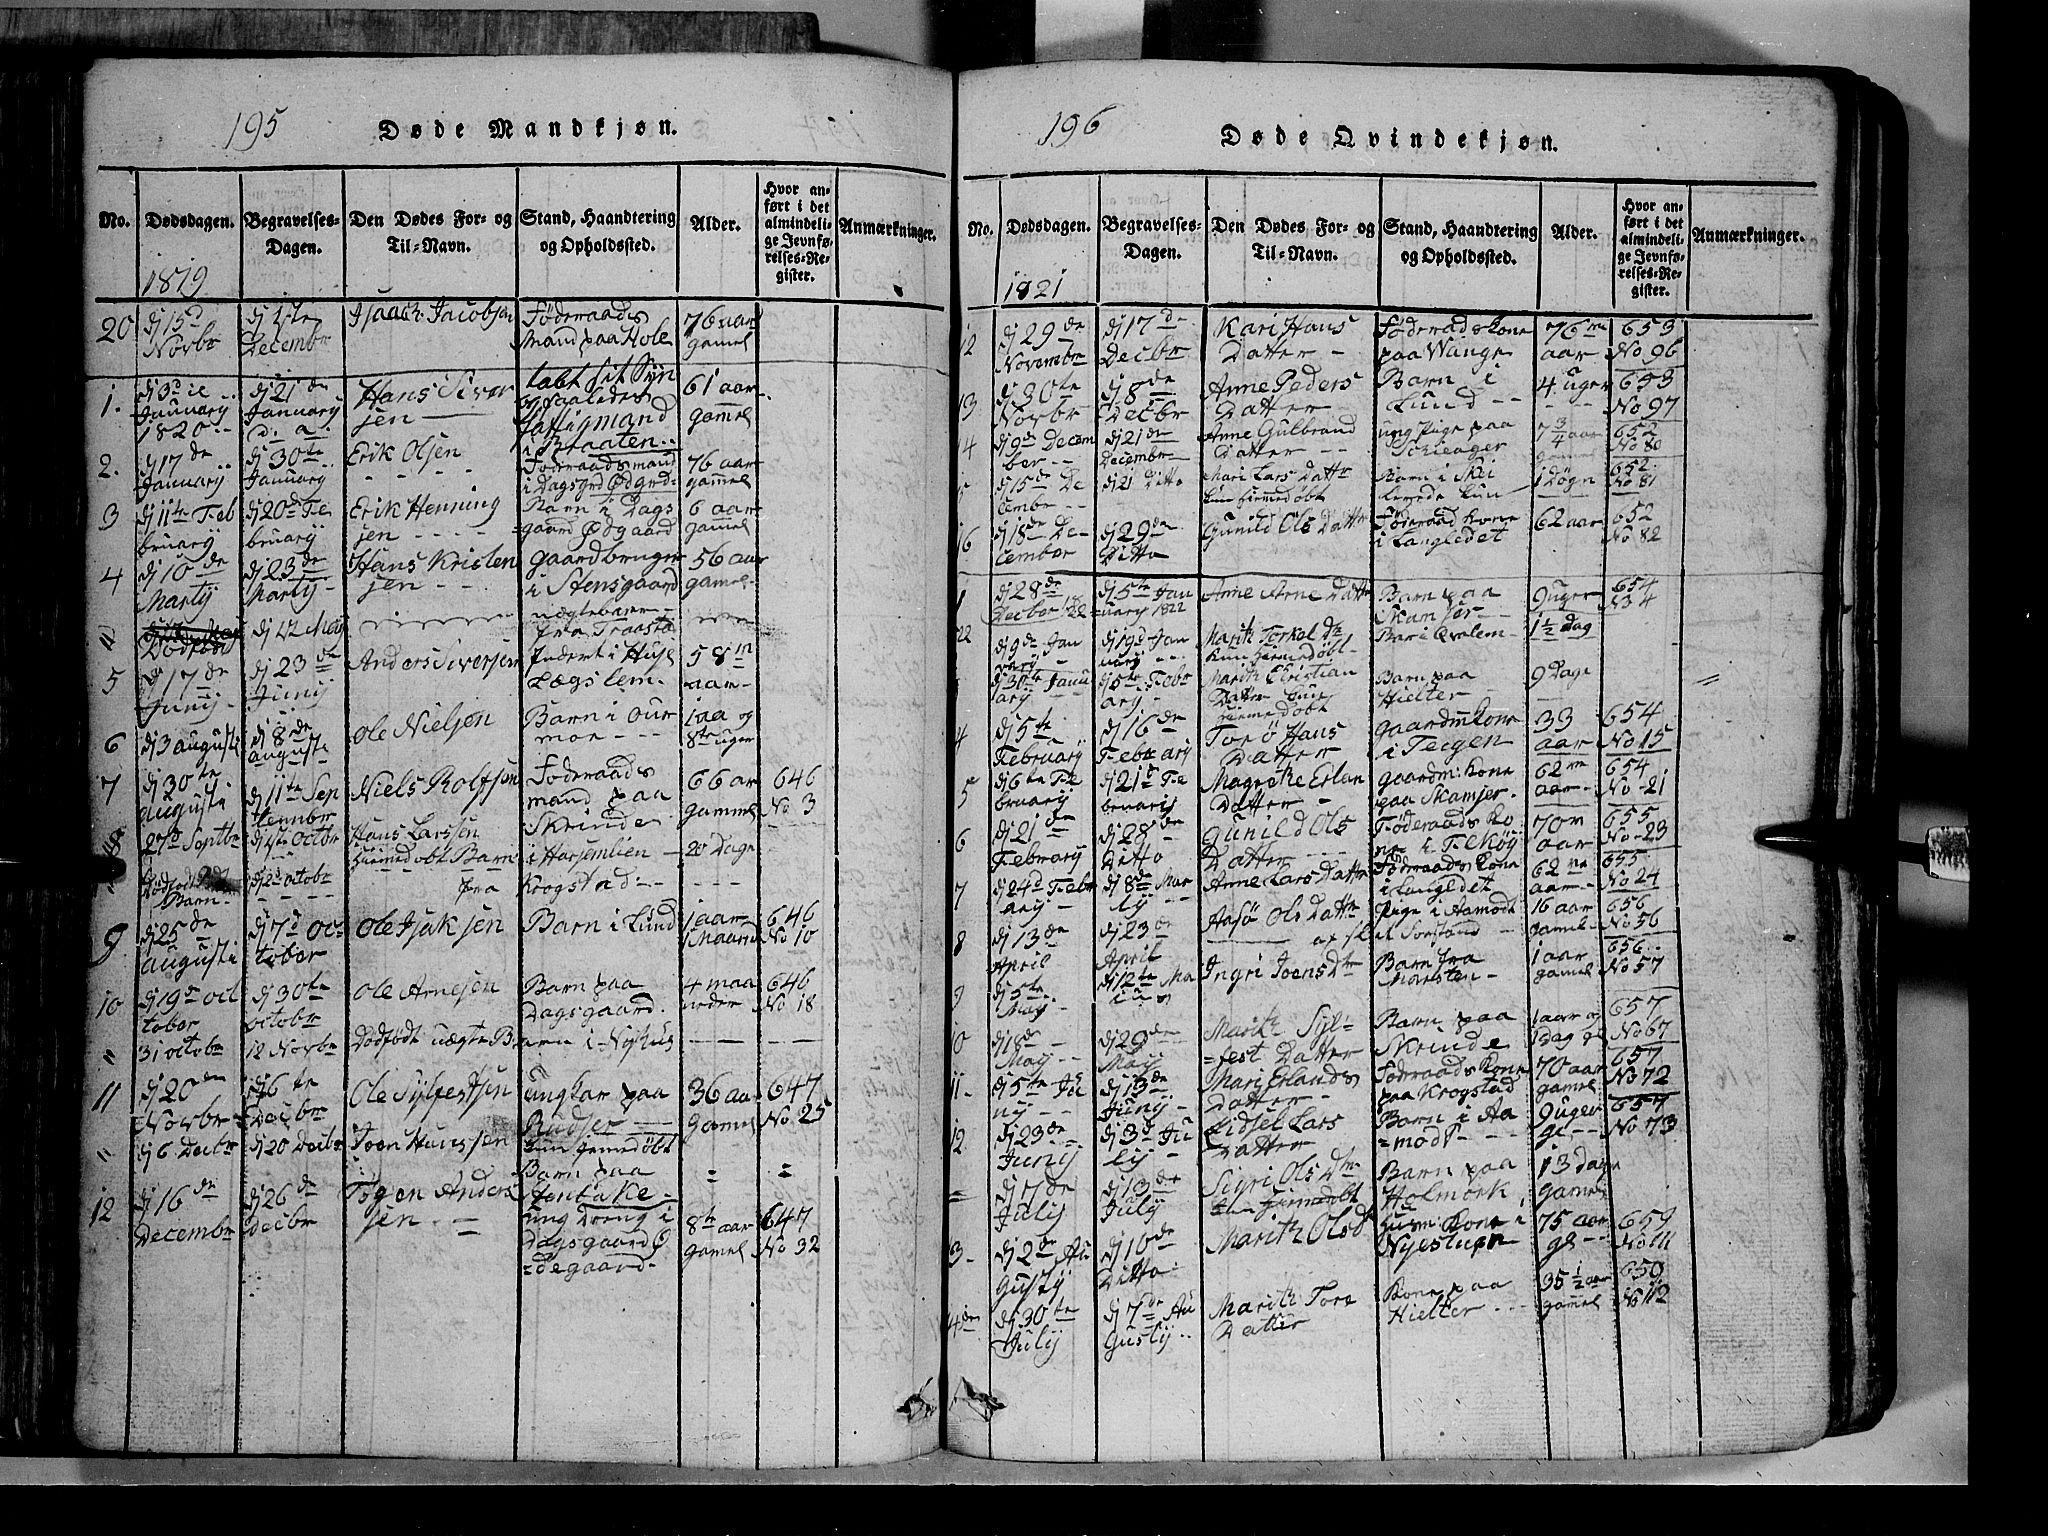 SAH, Lom prestekontor, L/L0003: Klokkerbok nr. 3, 1815-1844, s. 195-196